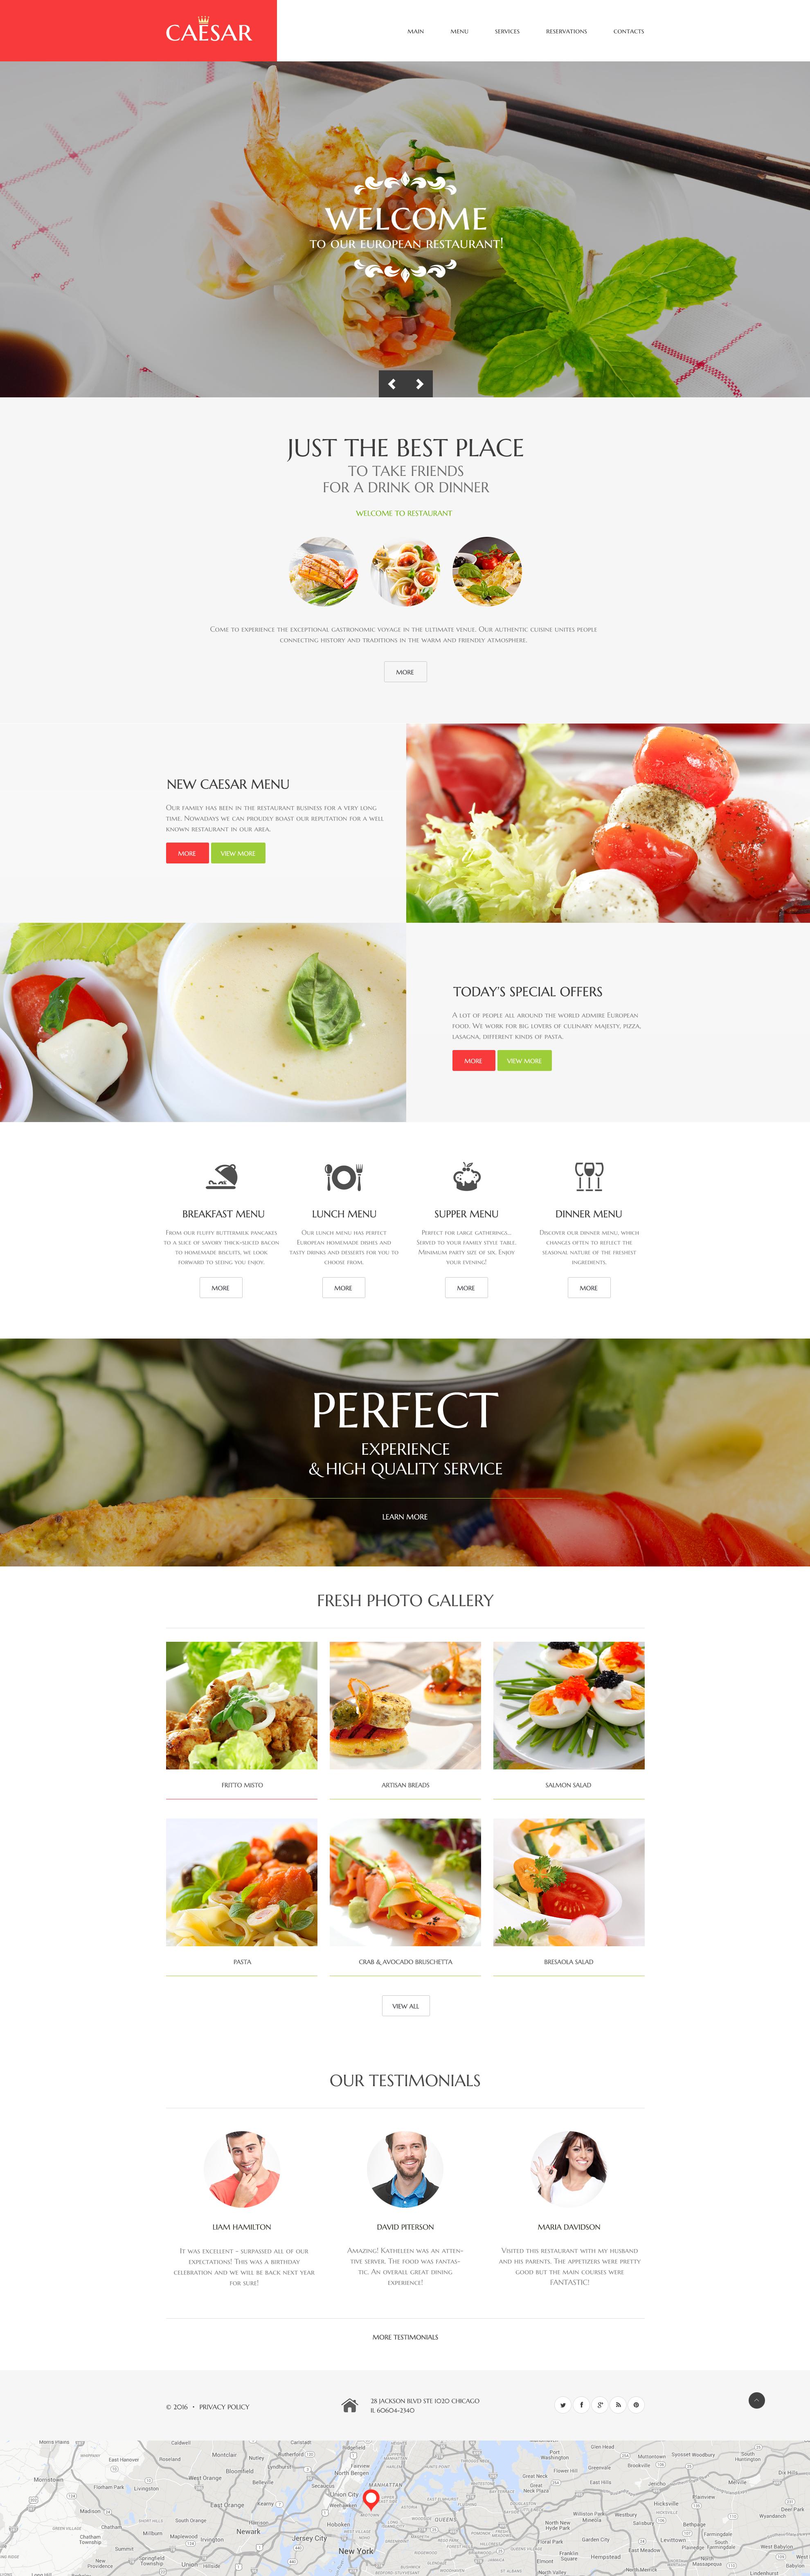 Responsive Kafe ve Restoran Web Sitesi #58582 - Ekran resmi